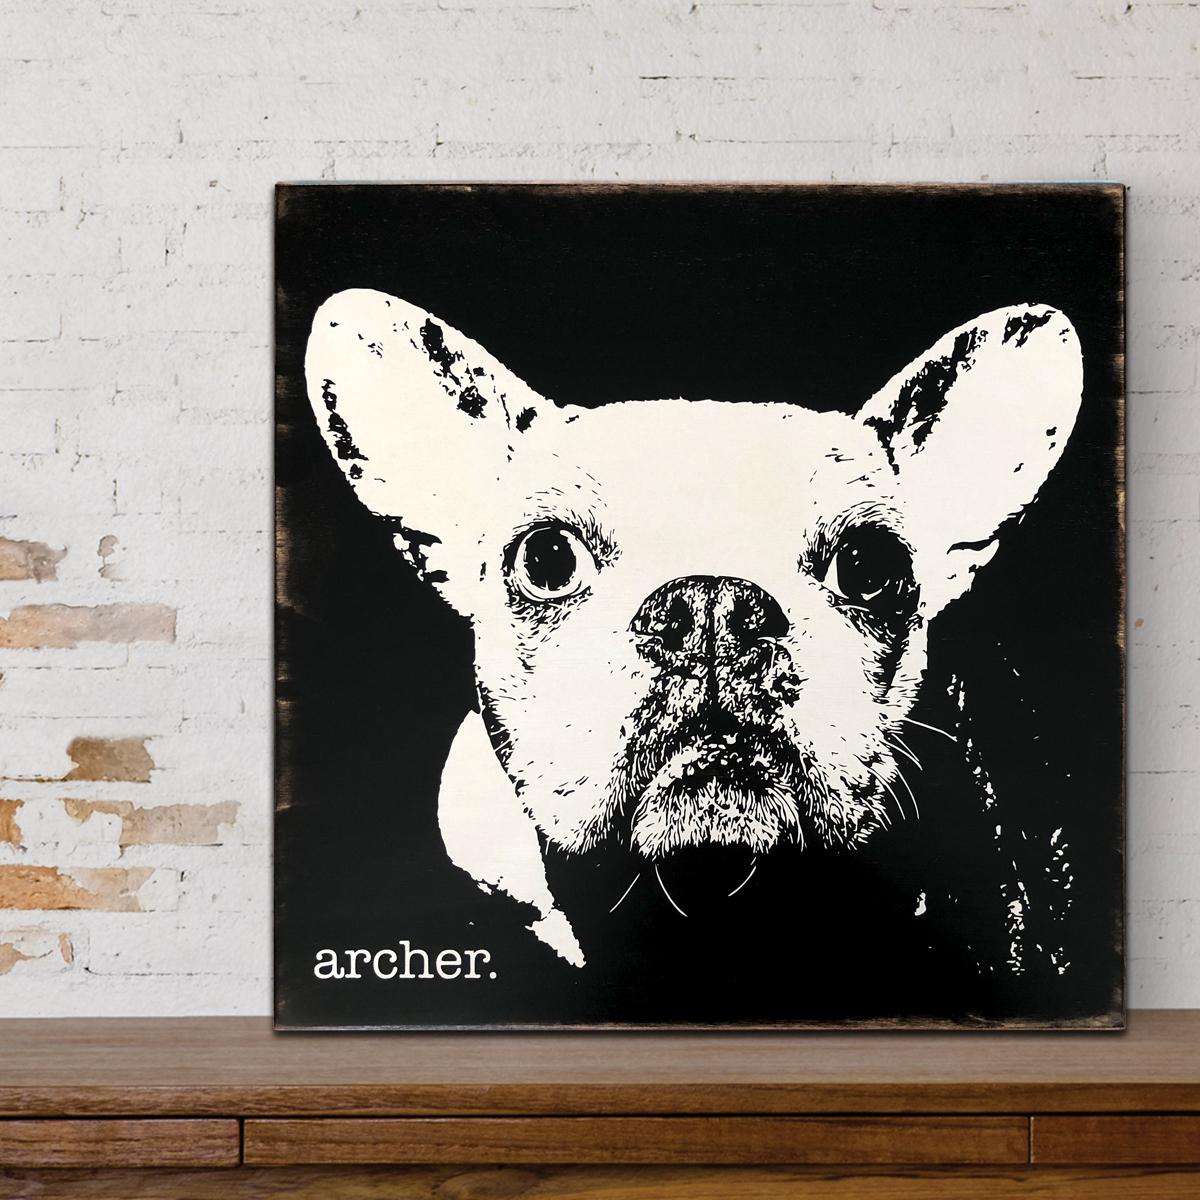 ArcherPortrait.jpg